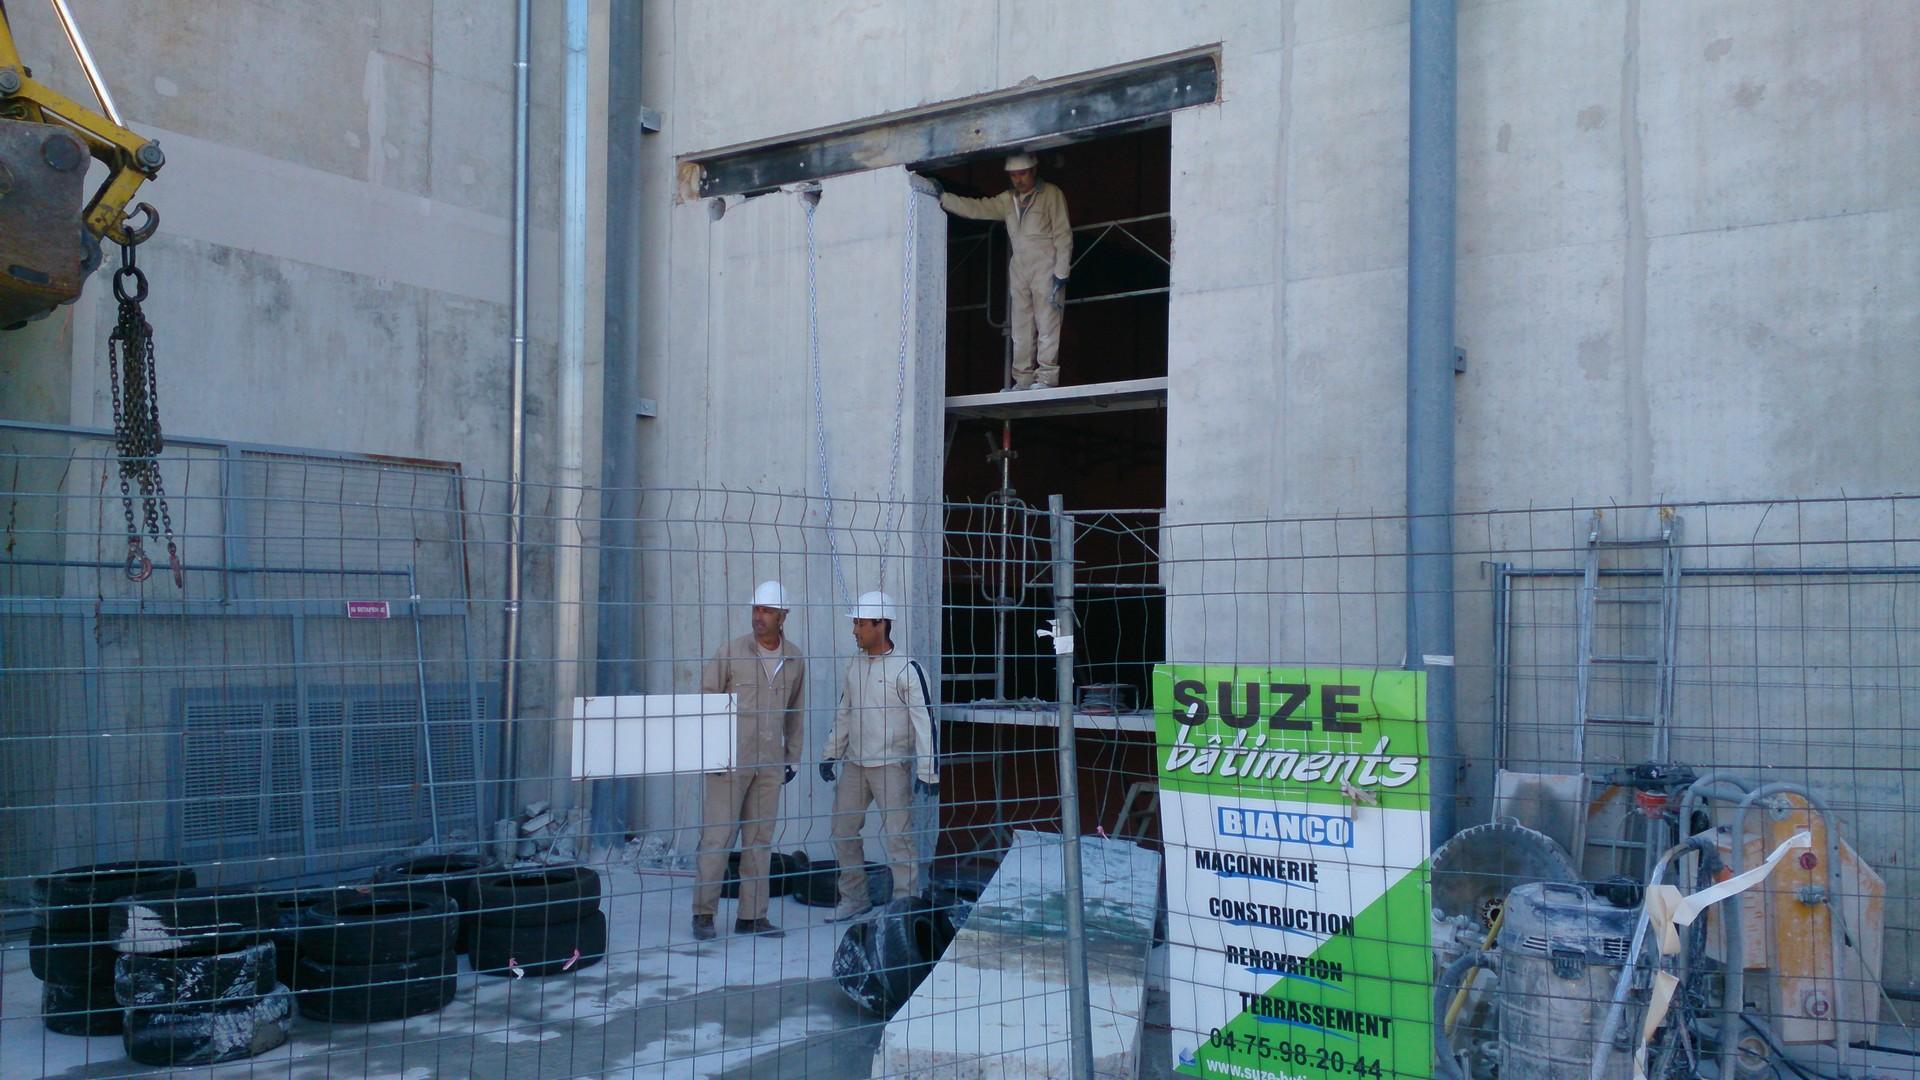 Ouverture et fermeture de voile béton et protection cablage et flexibleOuverture et fermeture de voile béton et protection cablage et flexible001